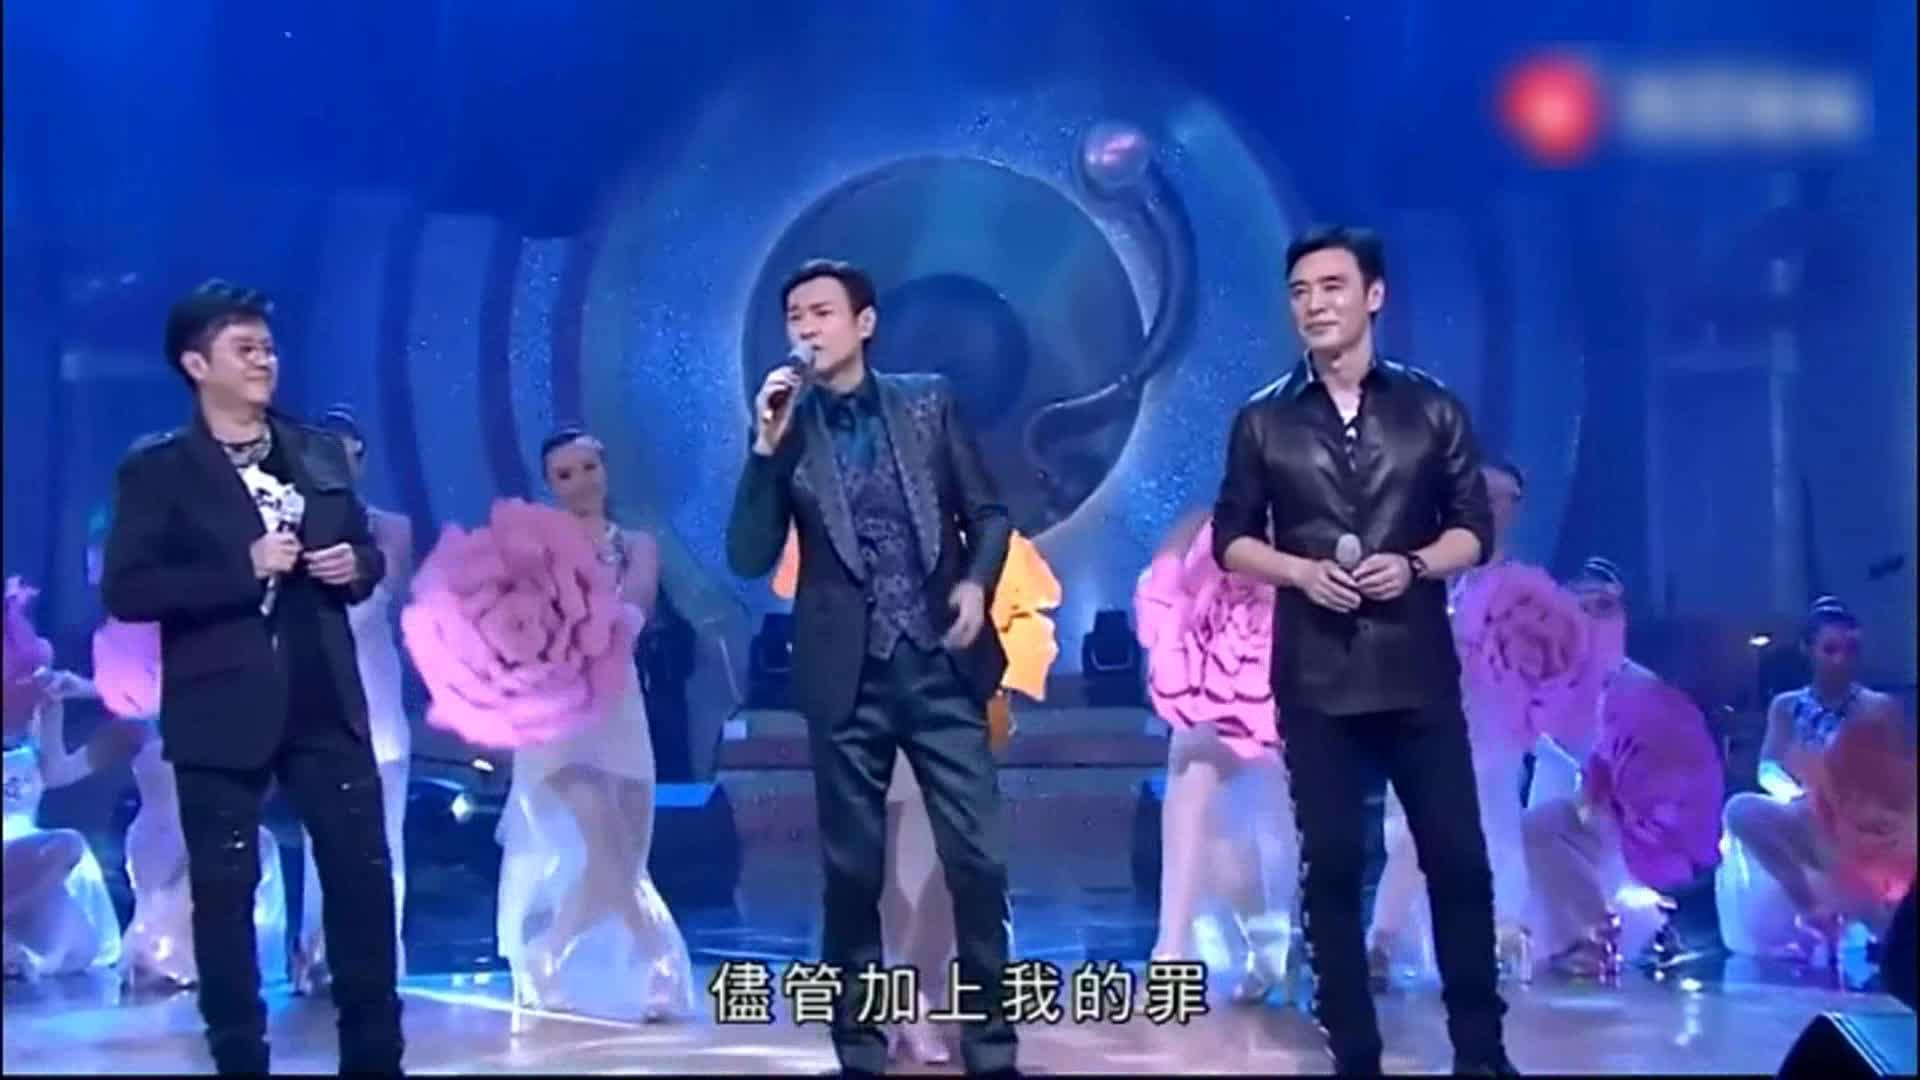 谭咏麟、郑少秋、钟镇涛合唱《水中花》 谁的歌声最动听?